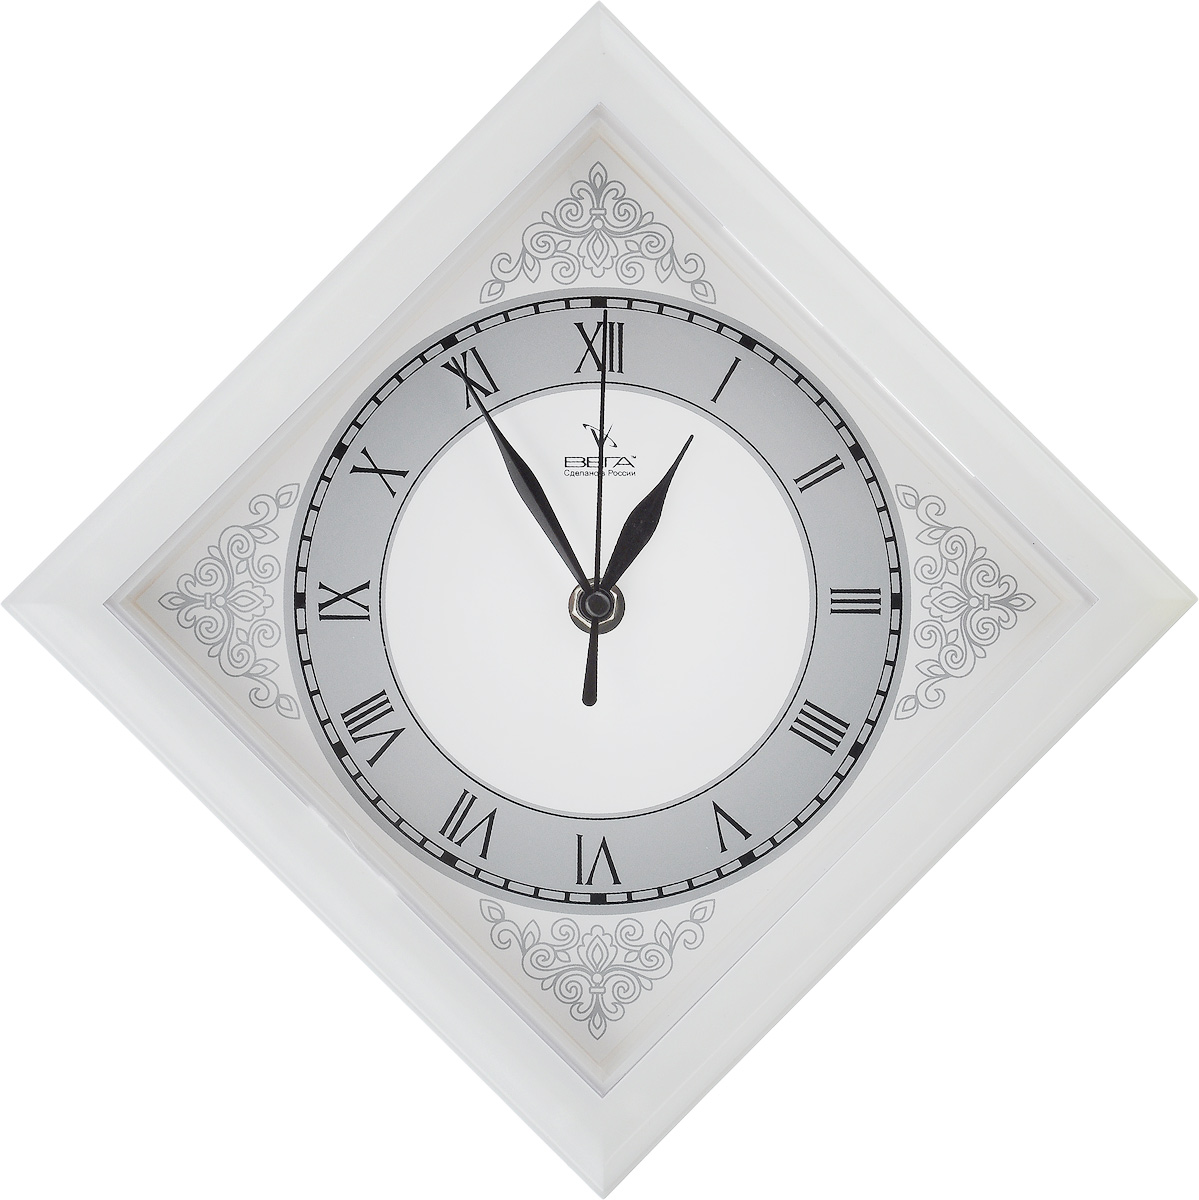 Часы настенные Вега Узоры, 20,6 х 20,6 х 4 смП3-7-134Настенные кварцевые часы Вега Узоры в классическом дизайне, изготовленные из пластика, прекрасно впишутся в интерьер вашего дома. Часы имеют три стрелки: часовую, минутную и секундную, циферблат защищен прозрачным пластиком. Часы работают от 1 батарейки типа АА напряжением 1,5 В (не входит в комплект).